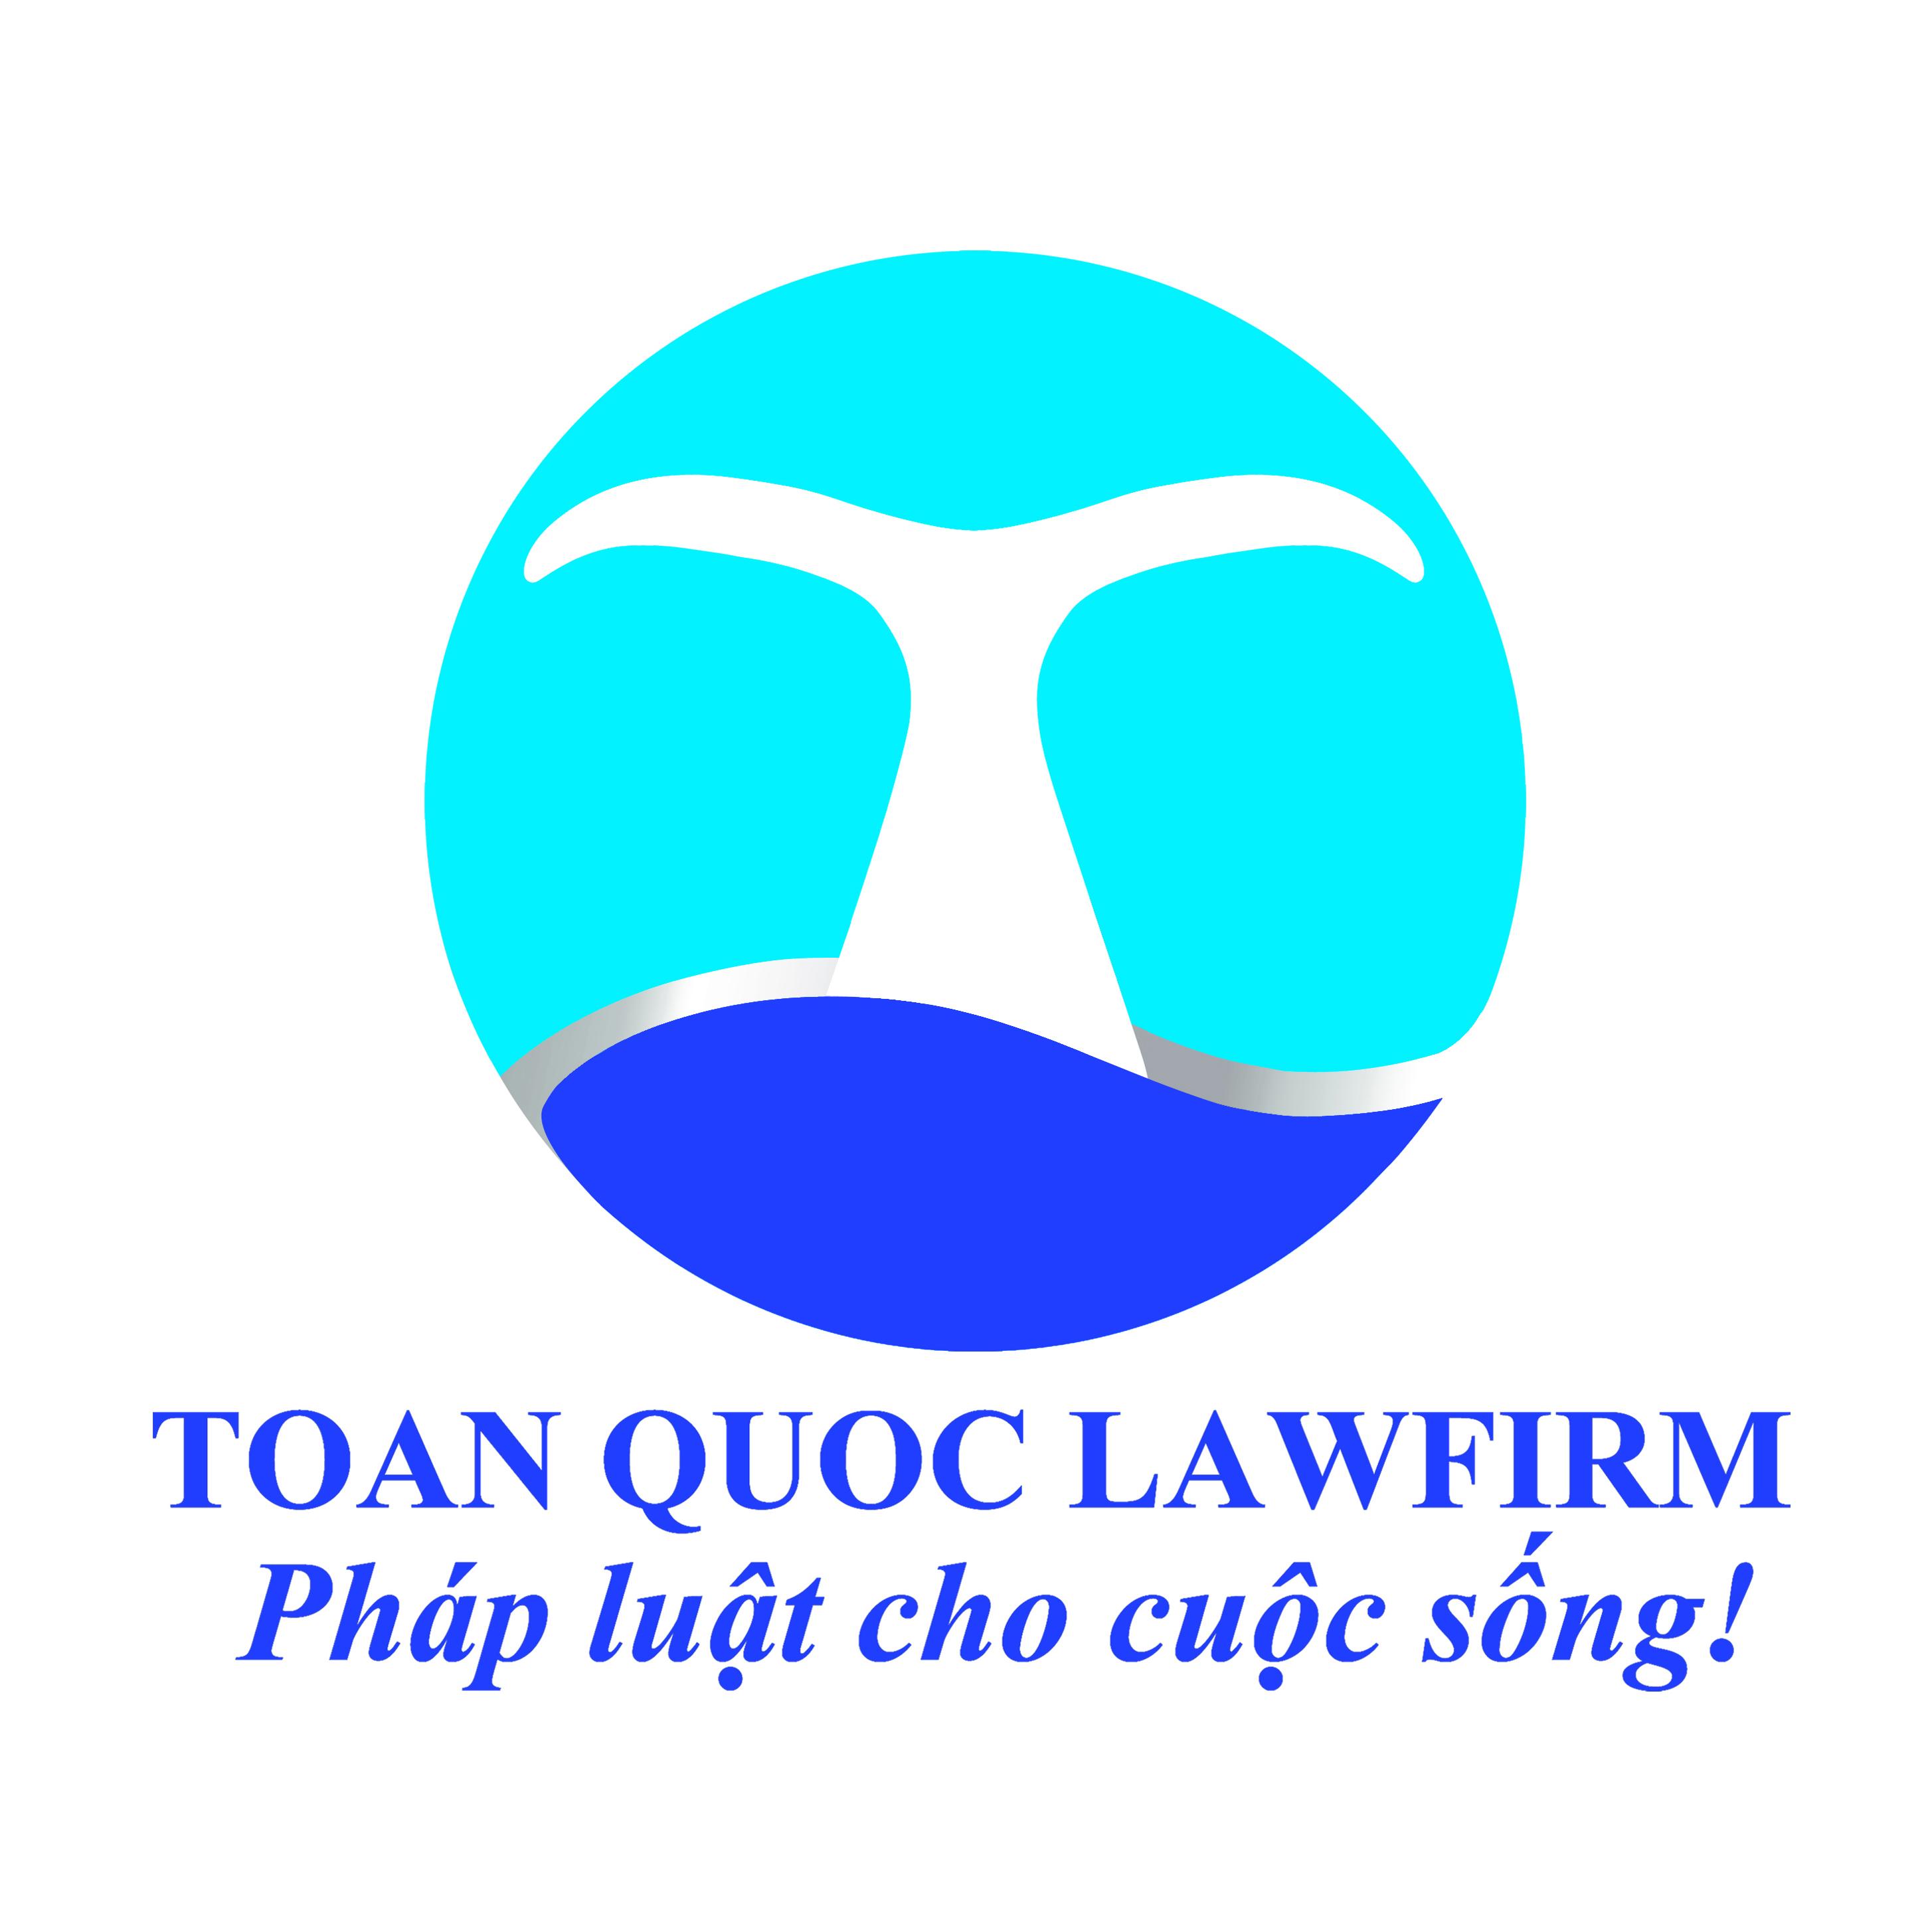 Quyết định 56/2018/QĐ-UBND quy định mức thu, chế độ thu, nộp lệ phí hộ tịch trên địa bàn tỉnh Tây Ninh